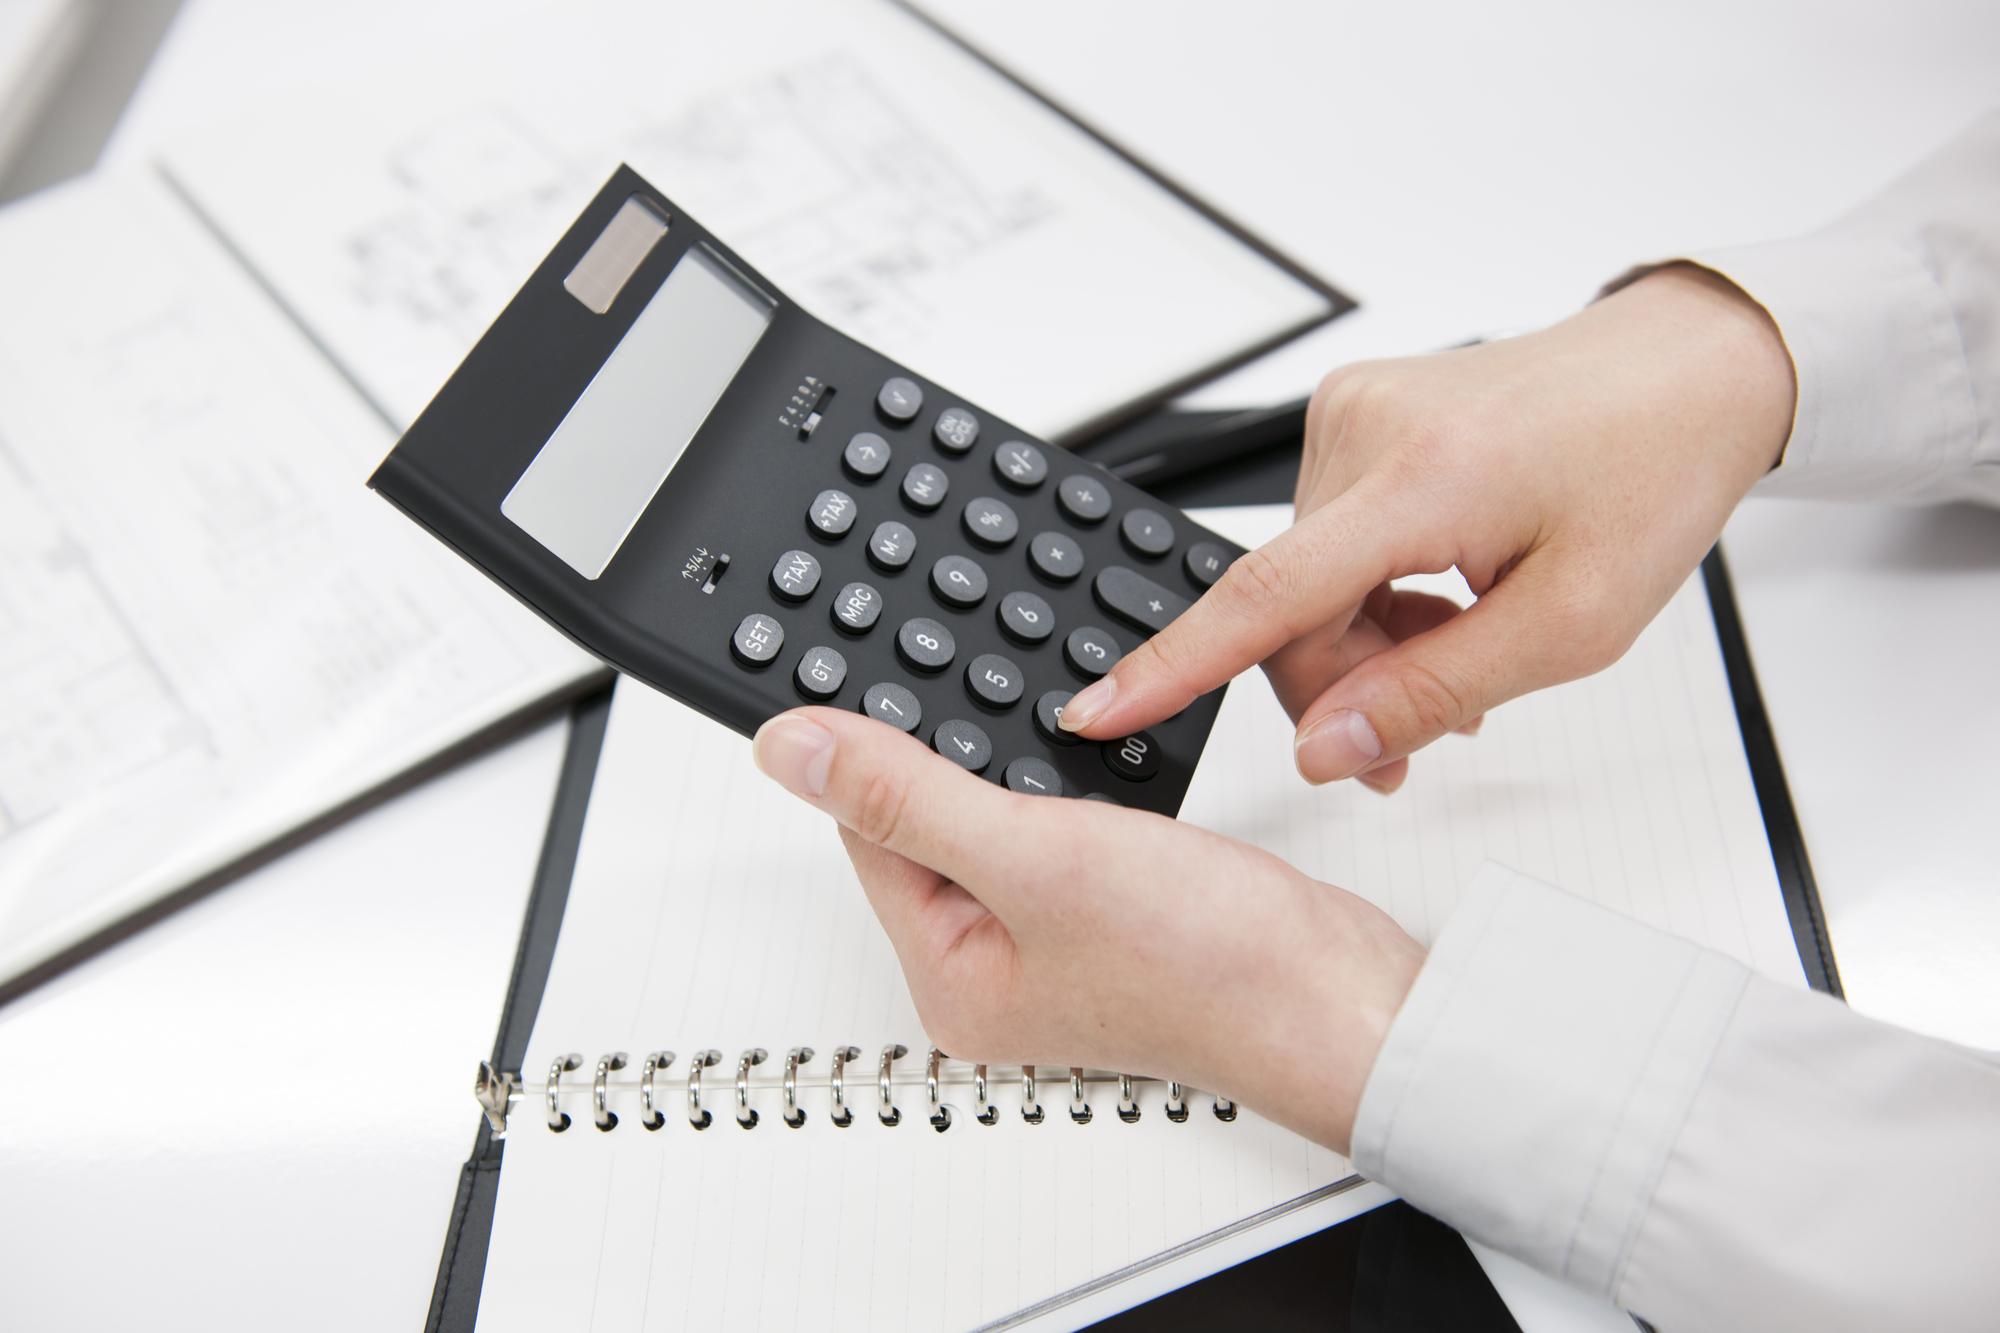 農地価格の調べ方とは? 売買時の相場や価格計算の基準を解説